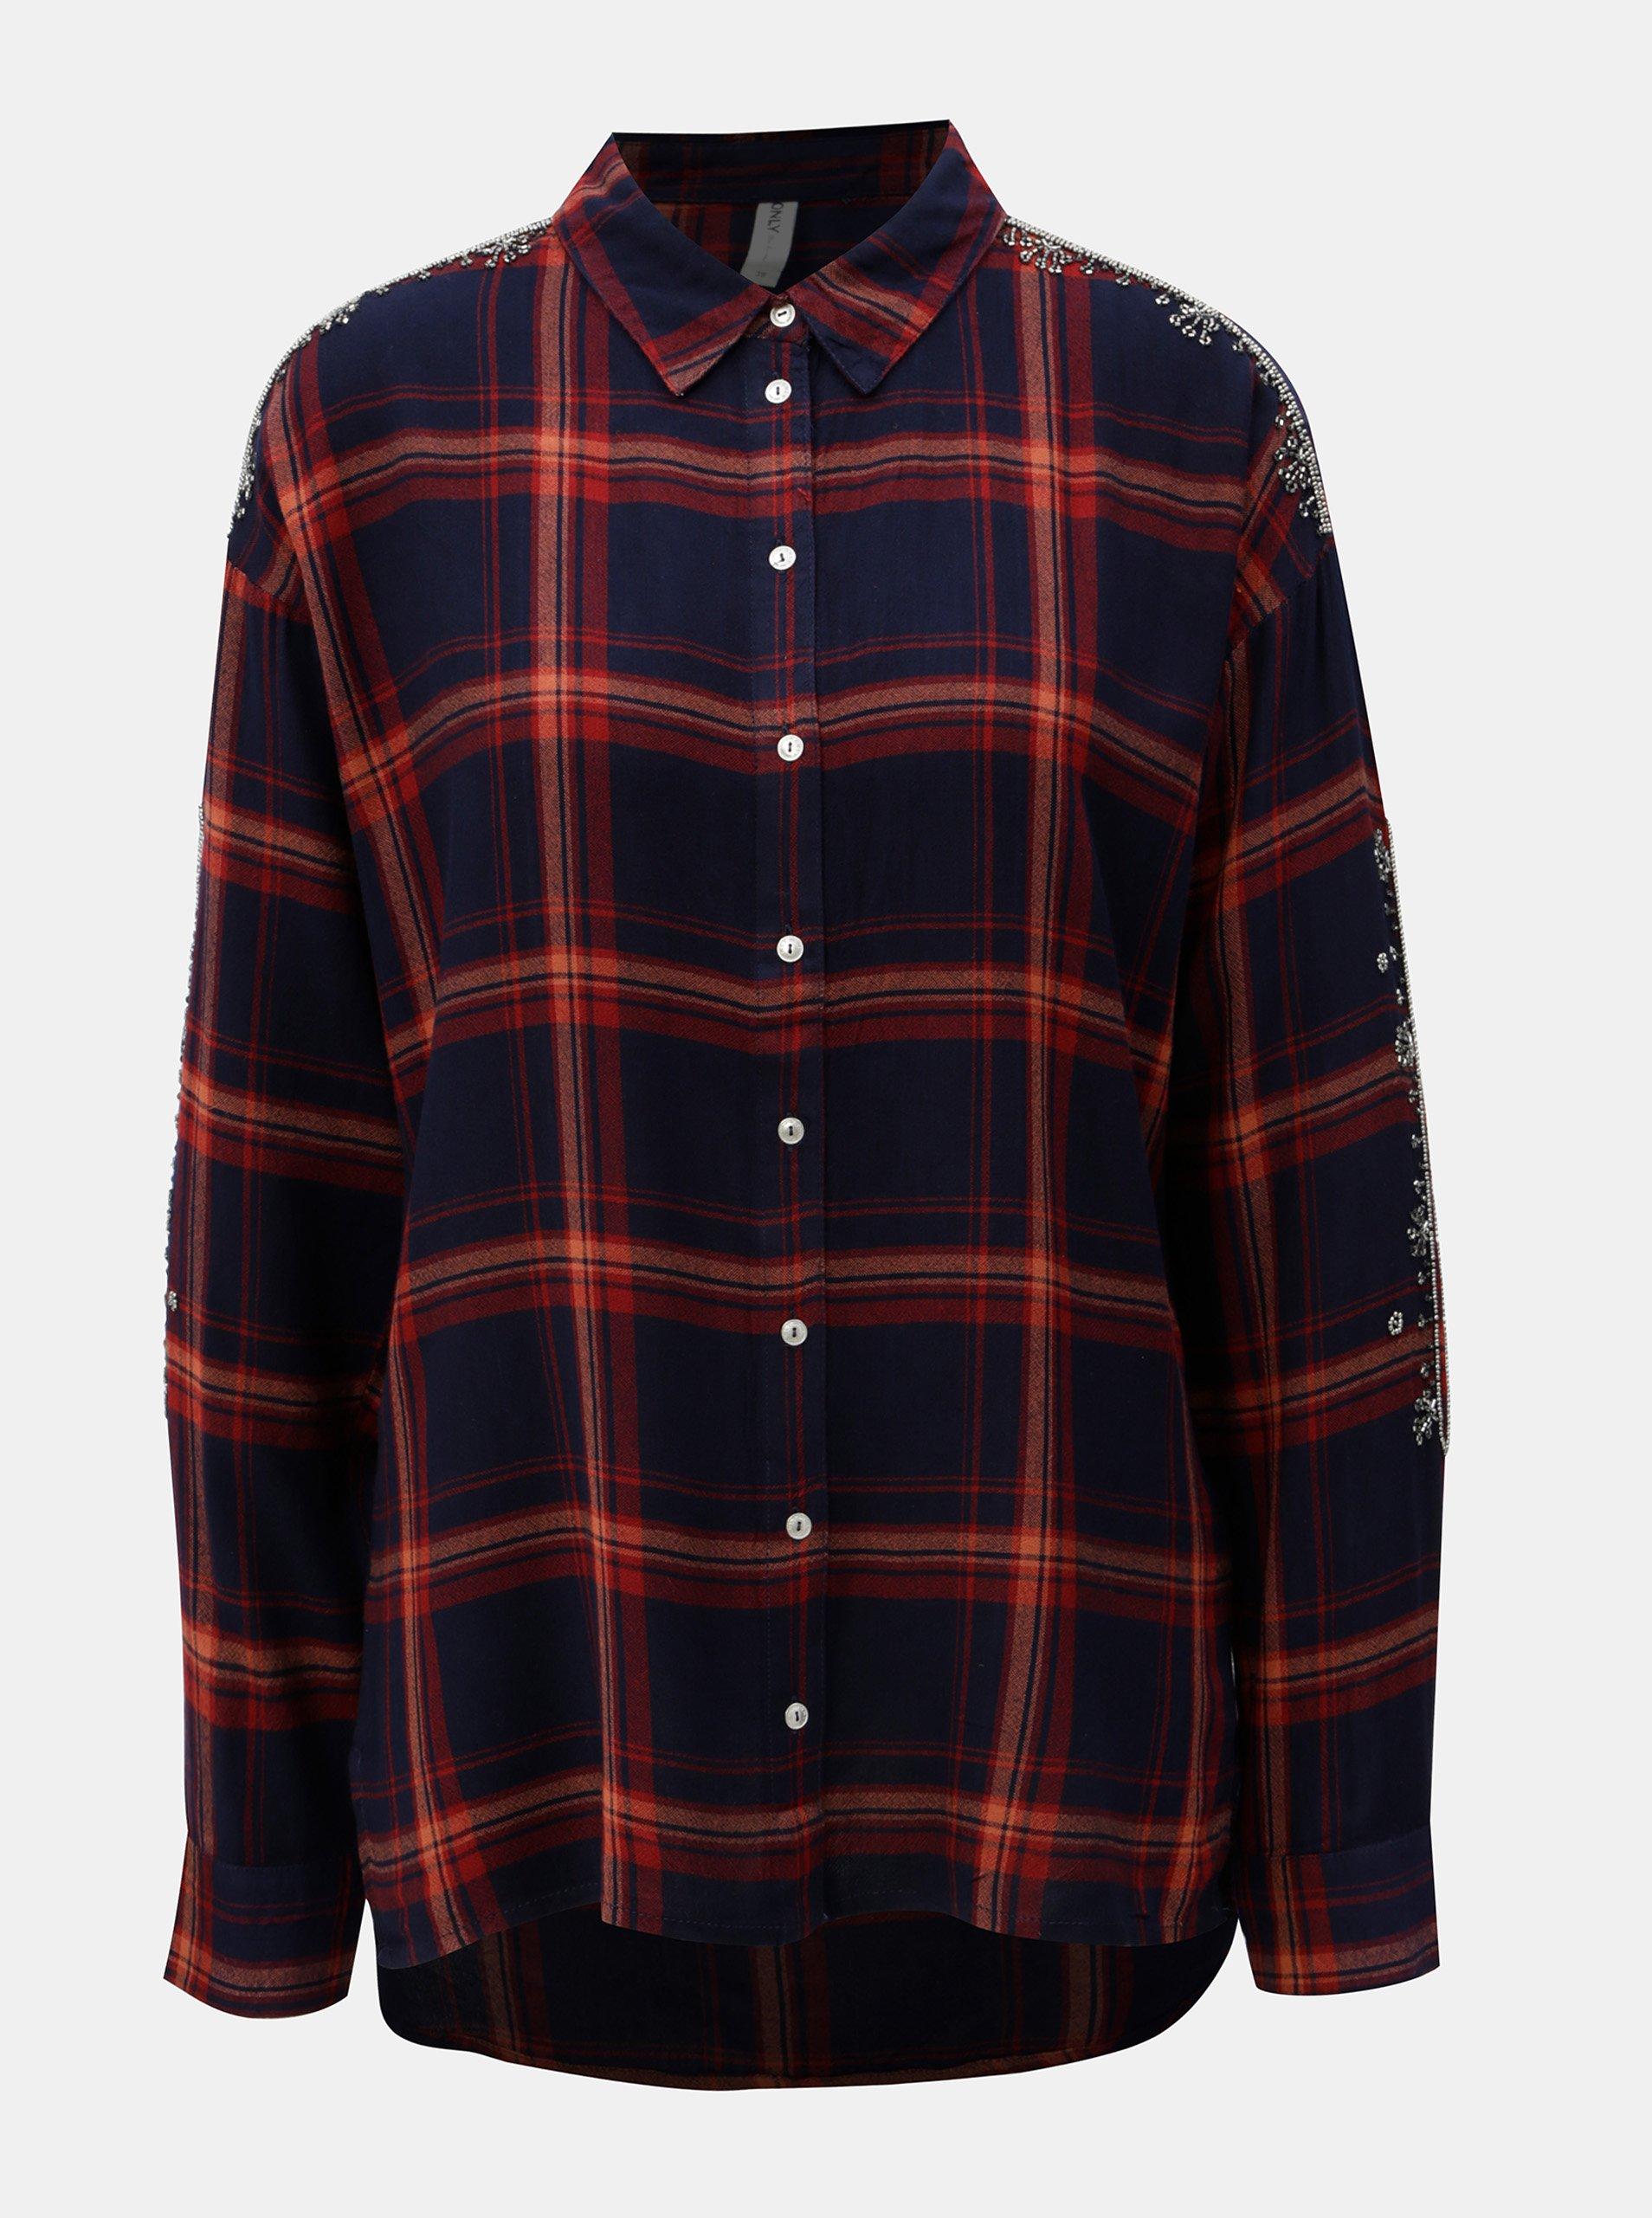 40dbb7efb106 Červeno–modrá kockovaná košeľa s korálkami na rukávoch ONLY - Glami.sk